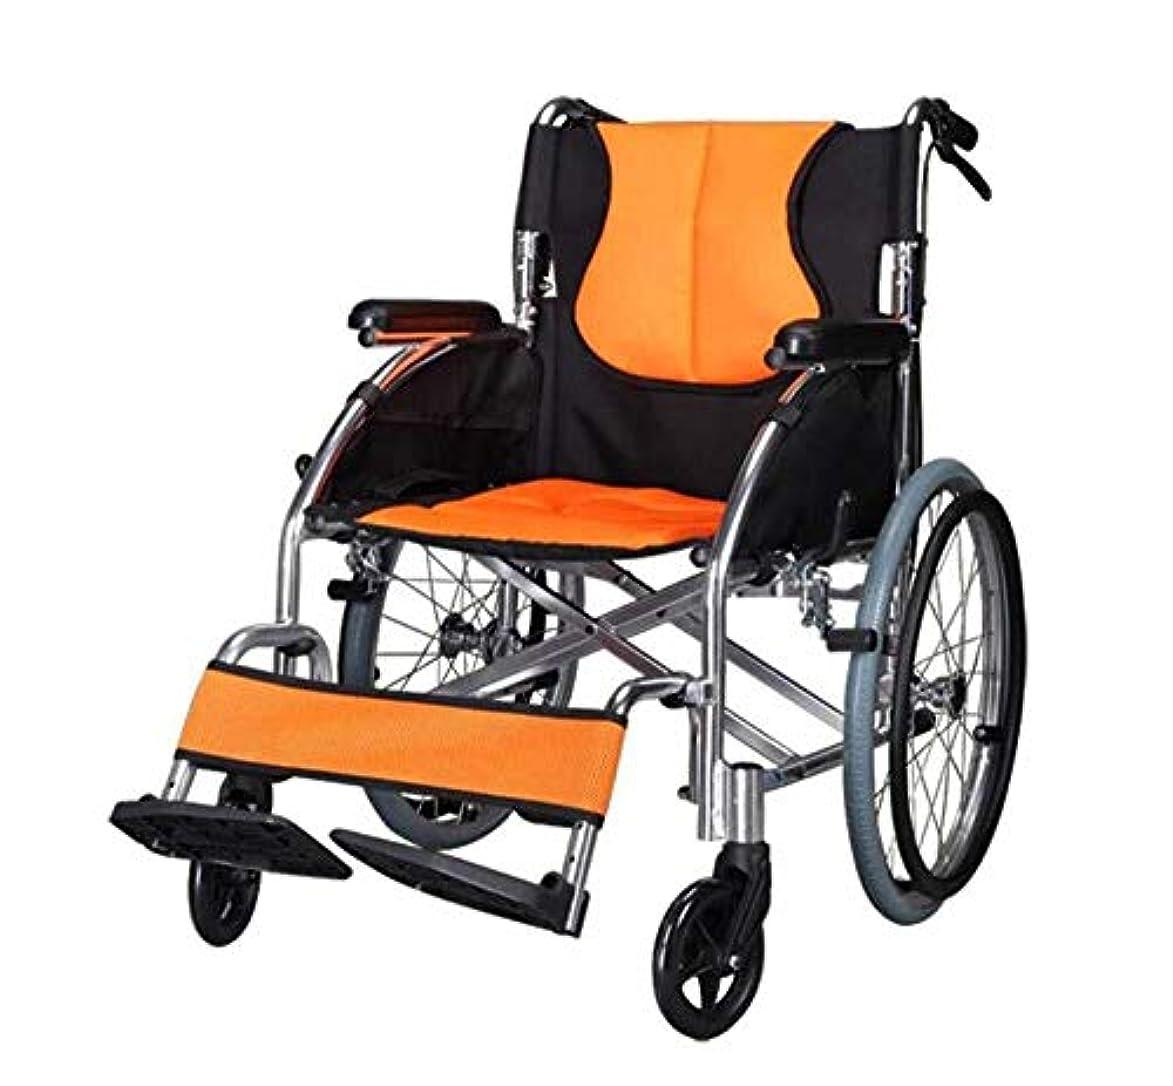 パシフィック肉昨日車椅子アルミニウム快適なアームレスト自動ブレーキカート高齢者障害者用リハビリテーションチェア